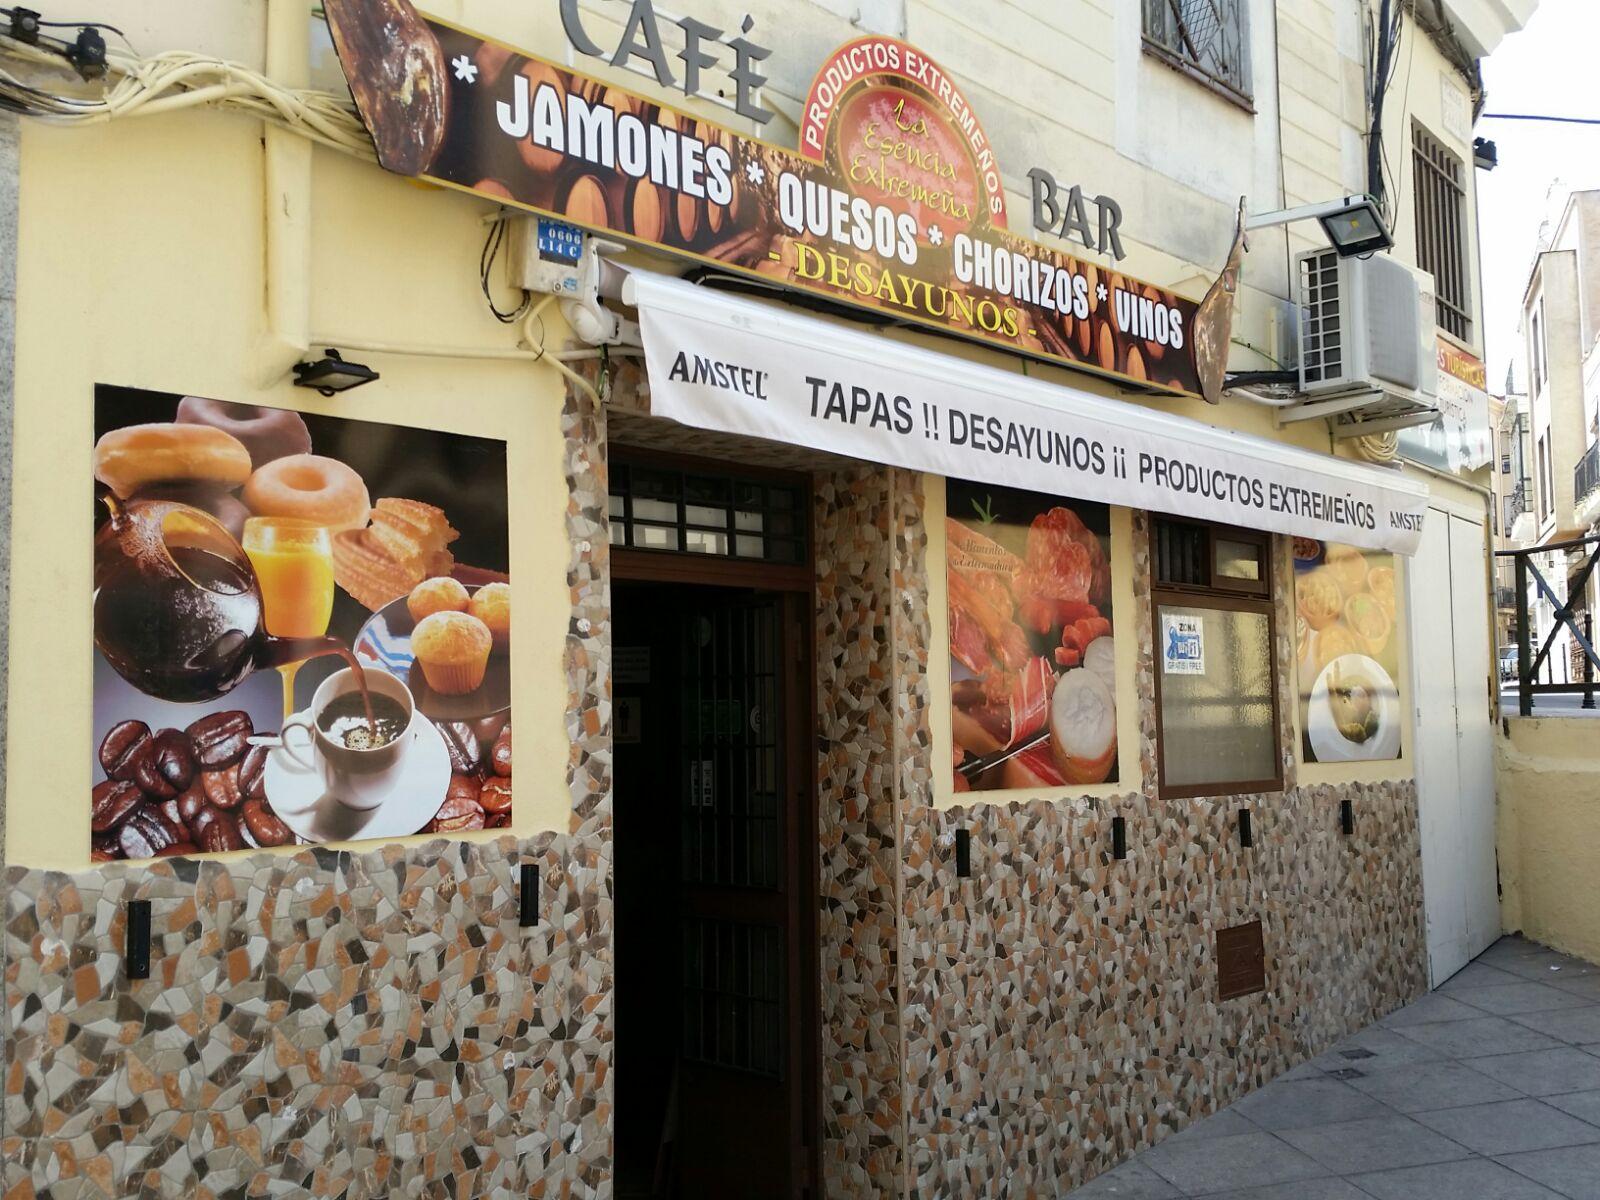 TAPERÍA LA ESENCIA EXTREMEÑA, Dónde tapear en Cáceres, Tapería económica en Cáceres